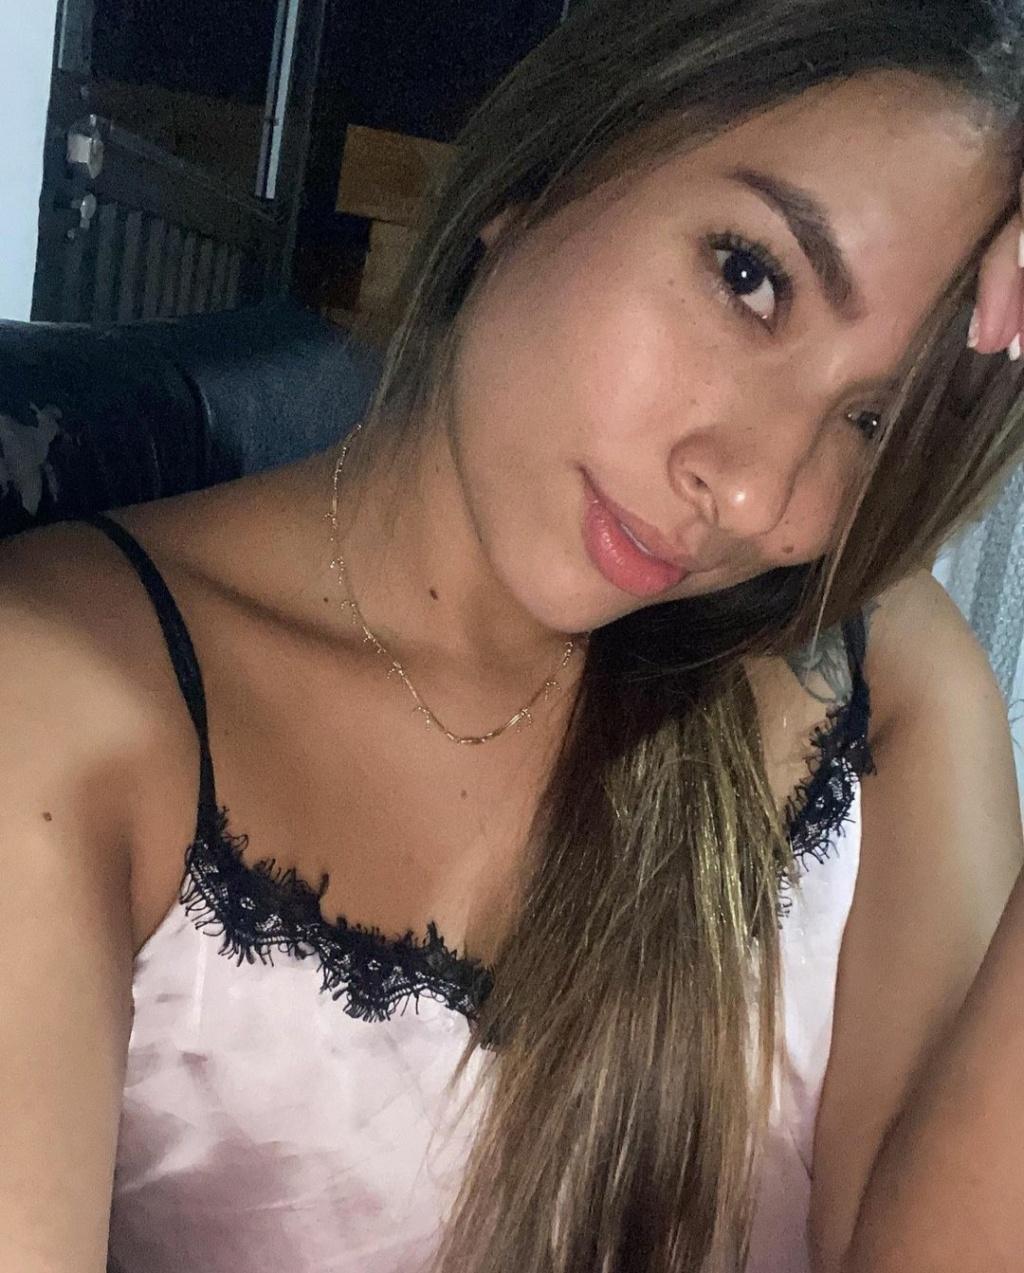 DEBATE sobre belleza, guapura y hermosura (fotos de chicas latinas, mestizas, y de todo) - VOL II - Página 8 Img_1379